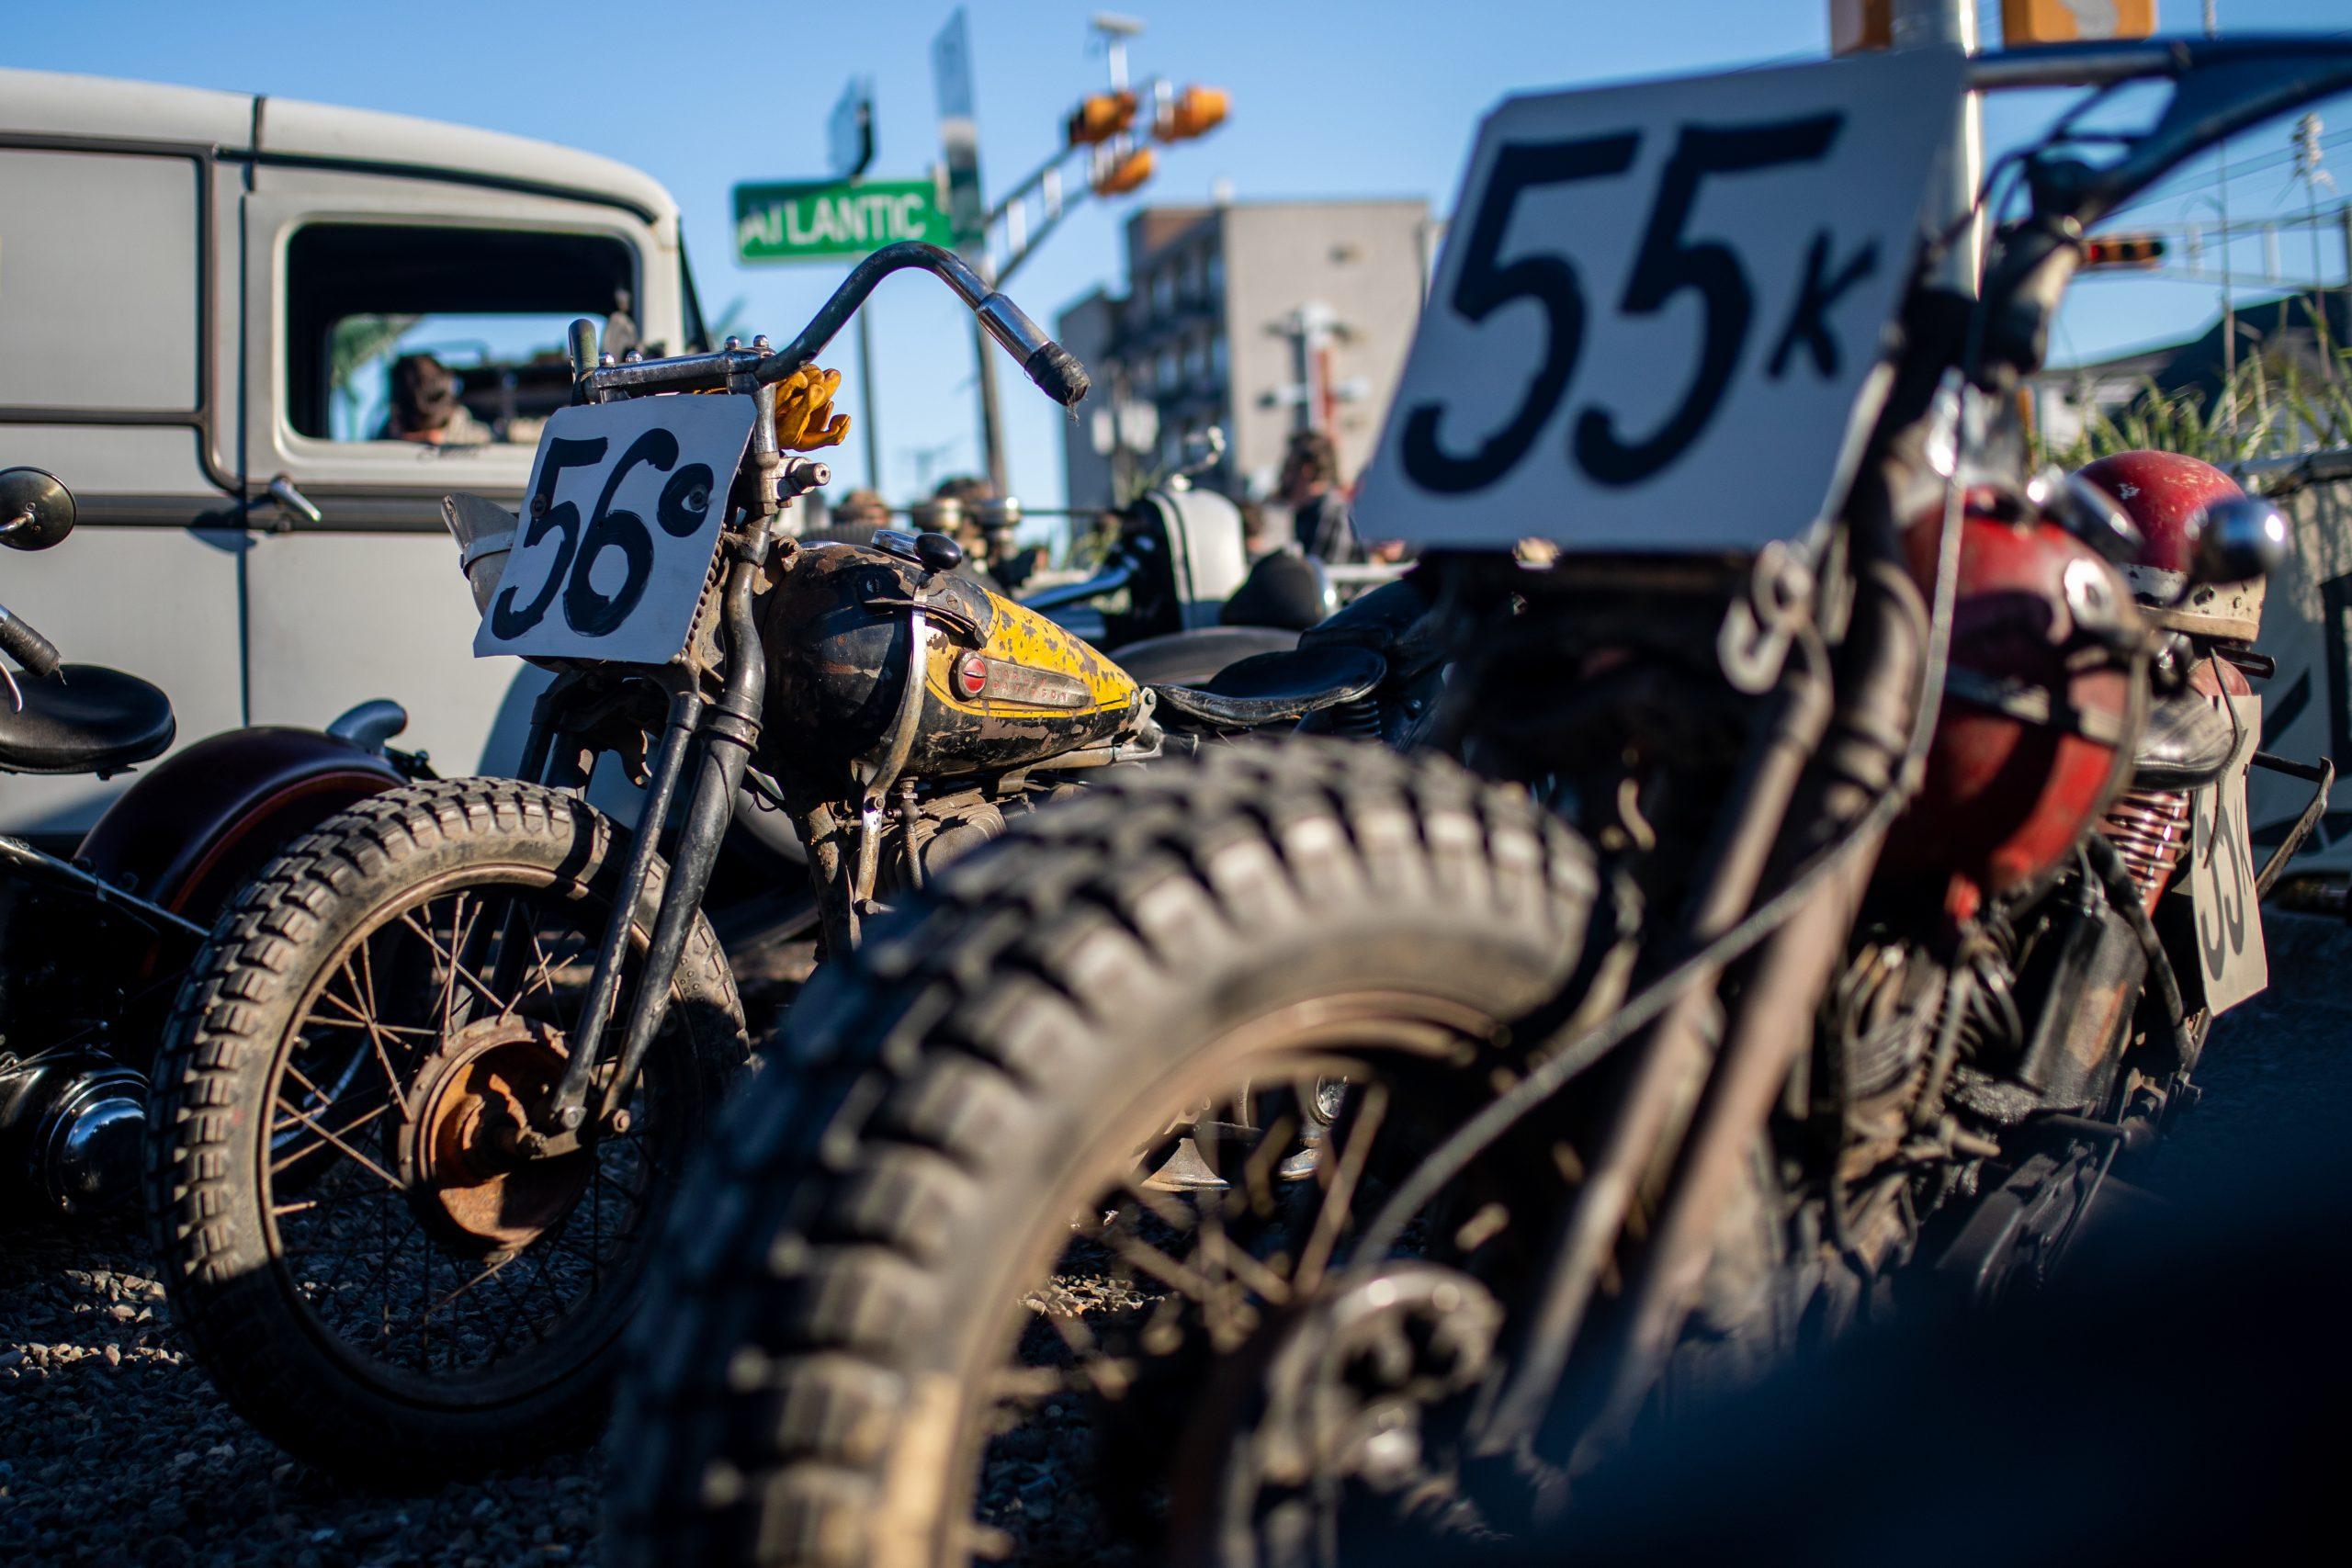 motorbike street numbers